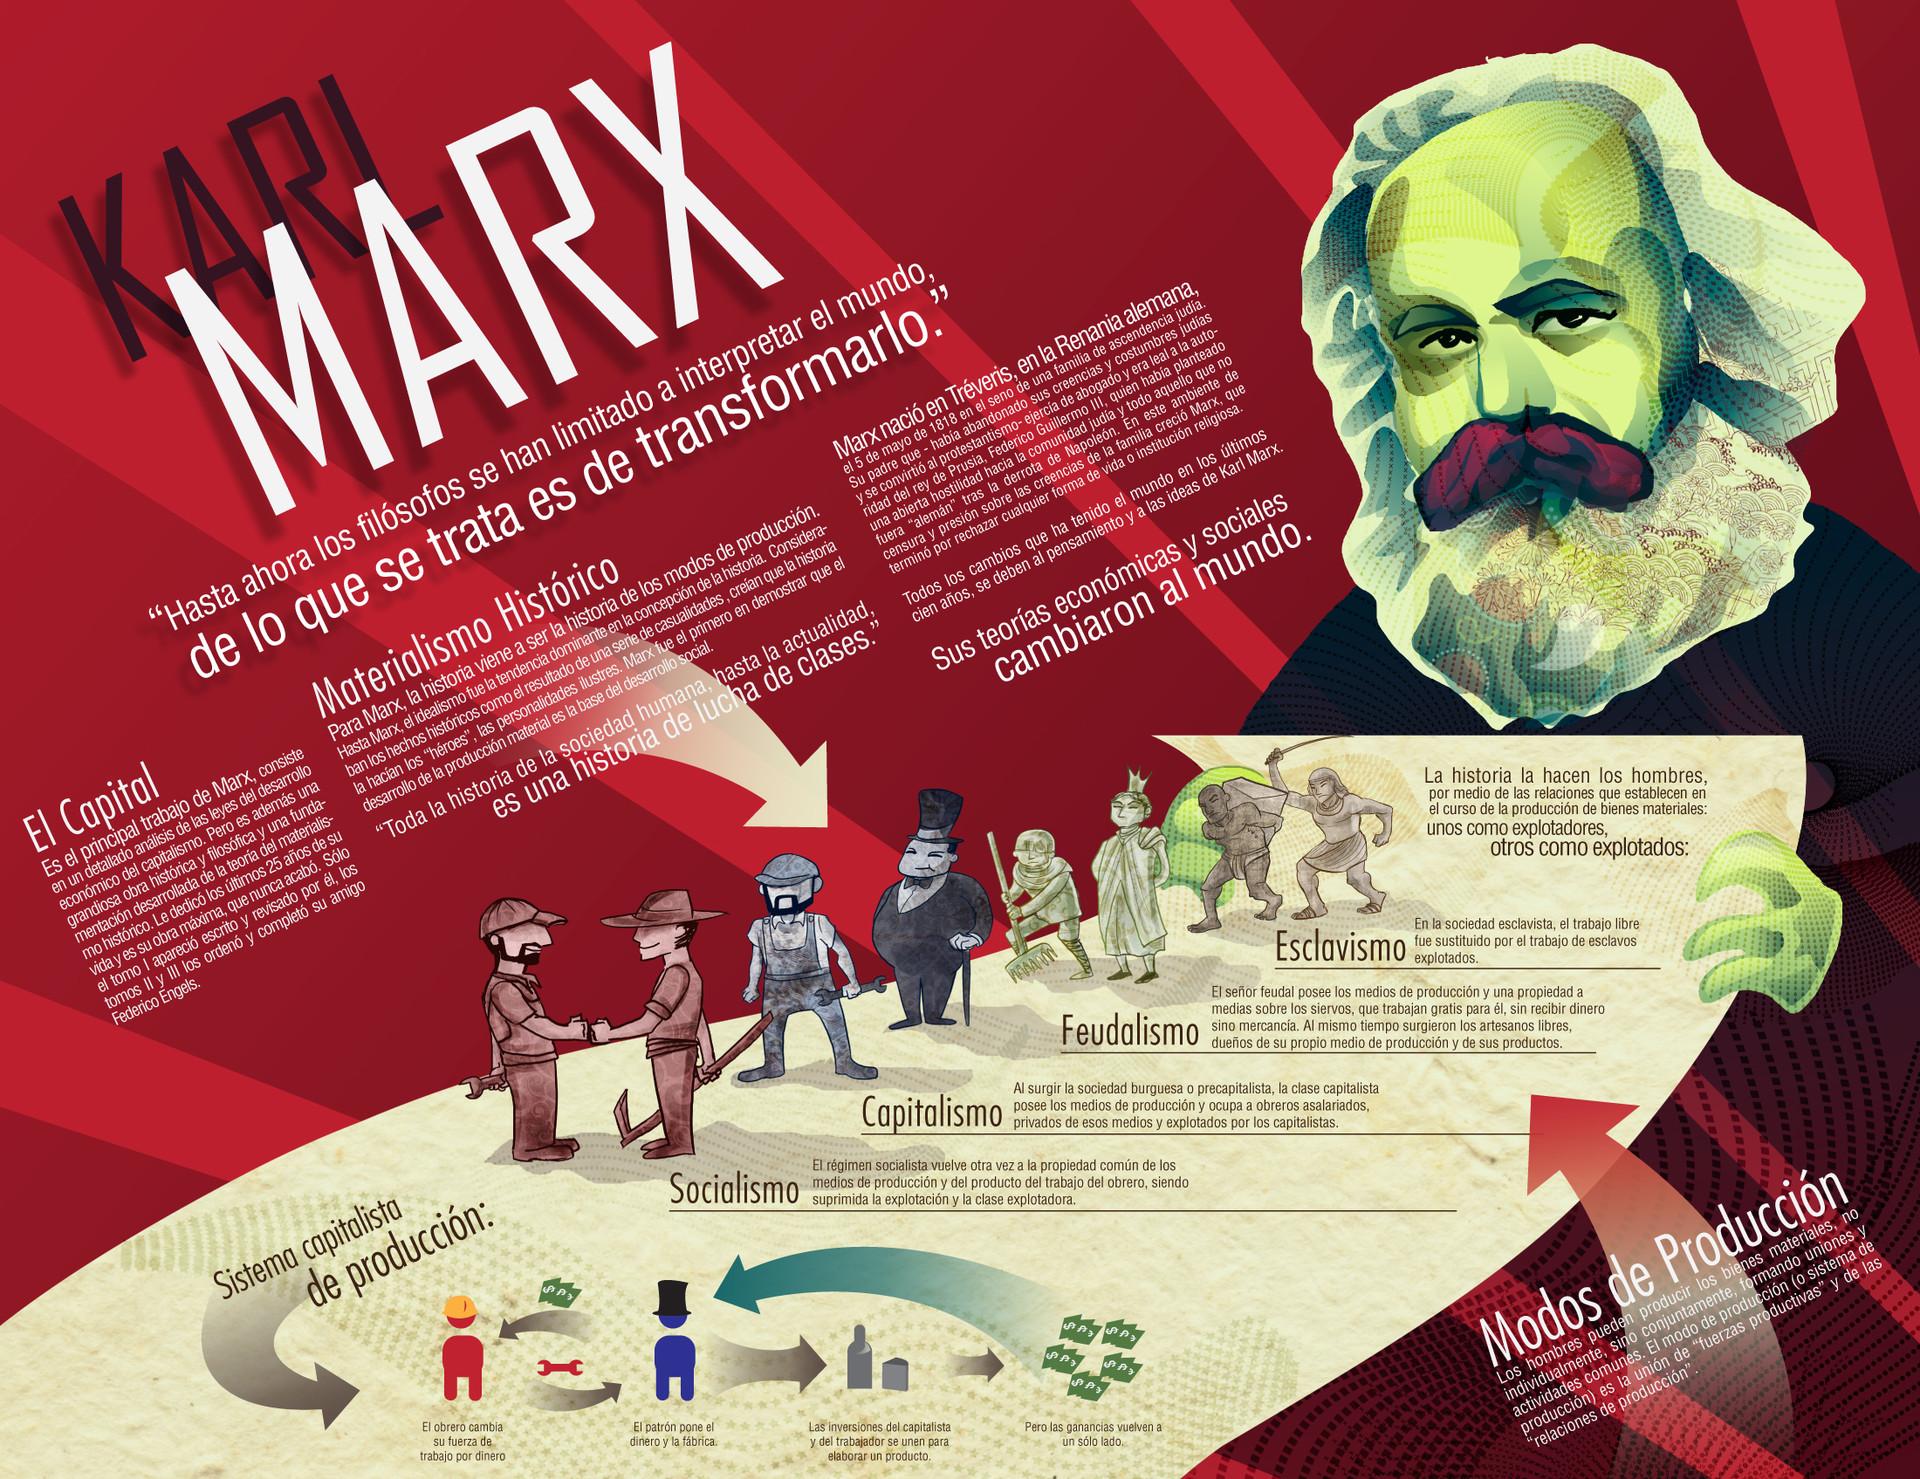 Comunismo y capitalismo: mitos, realidad y futuro - RT